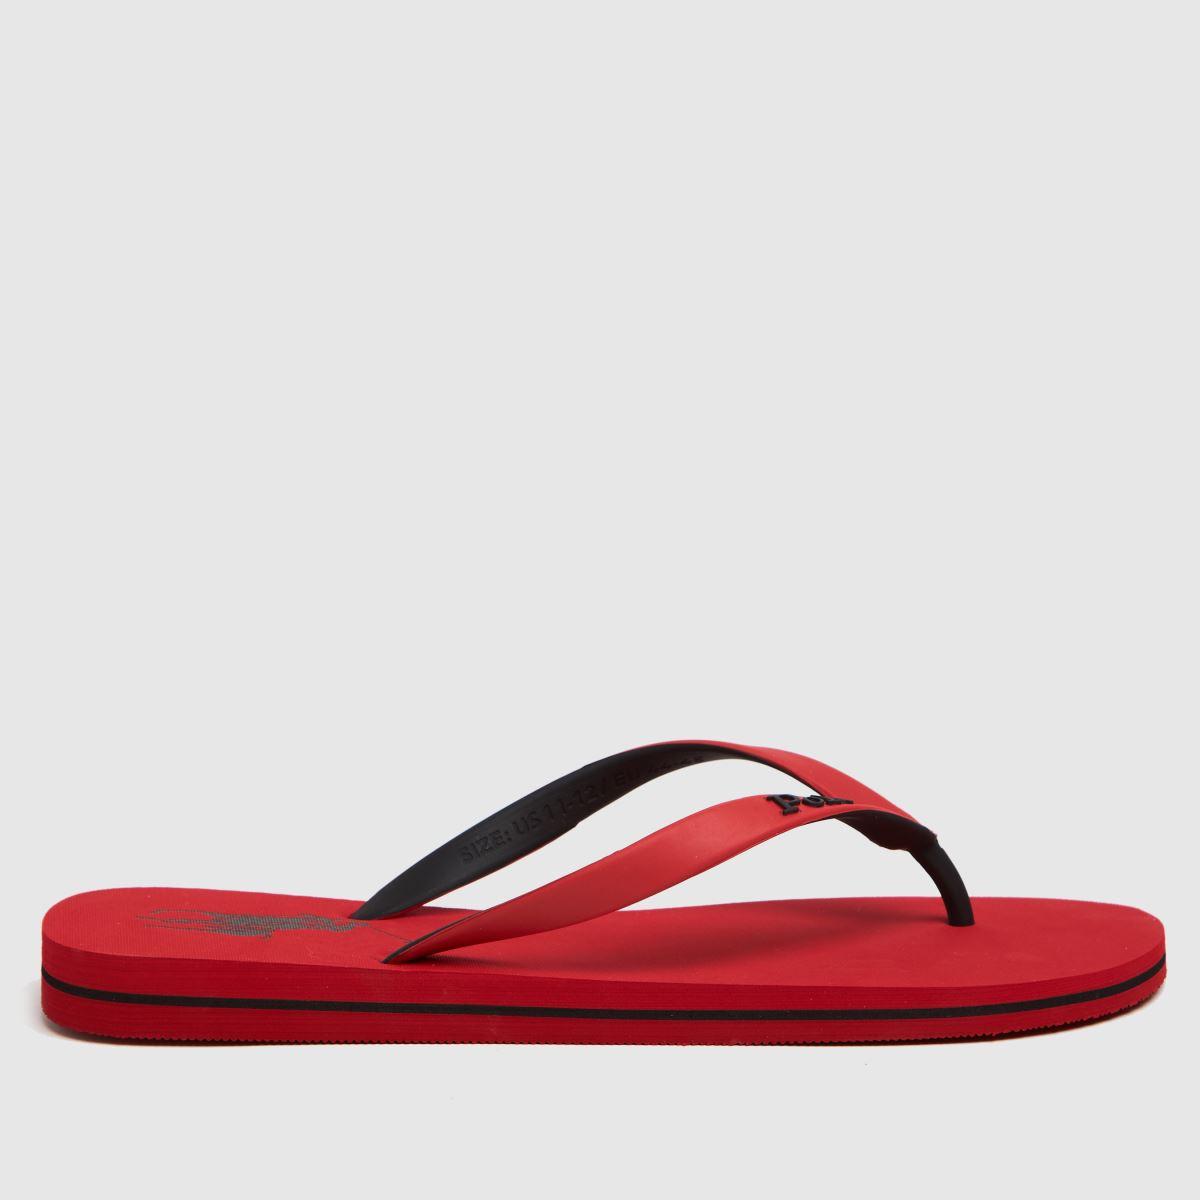 Polo Ralph Lauren Red Bolt Sandals